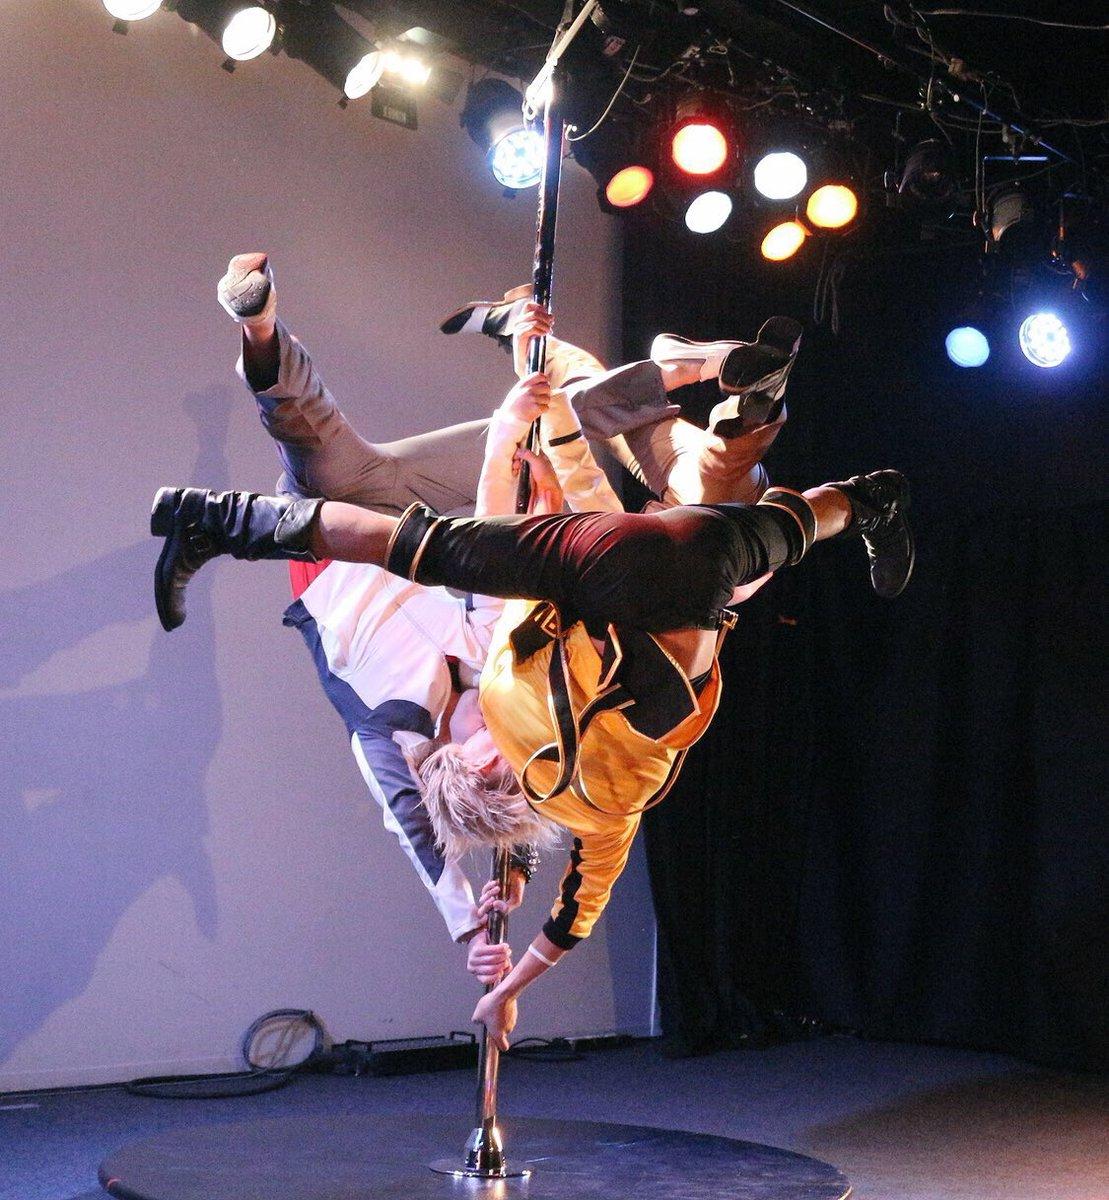 クレイジーマーブルナイトのタイバニライジングポールの演目の画像頂いたのでちょこっとアップ! @kizika_uzuraさんに撮って頂きました♩  #くれま #タイバニ #ポールダンス #虎徹さん #バニーちゃん #ライアン #バディ